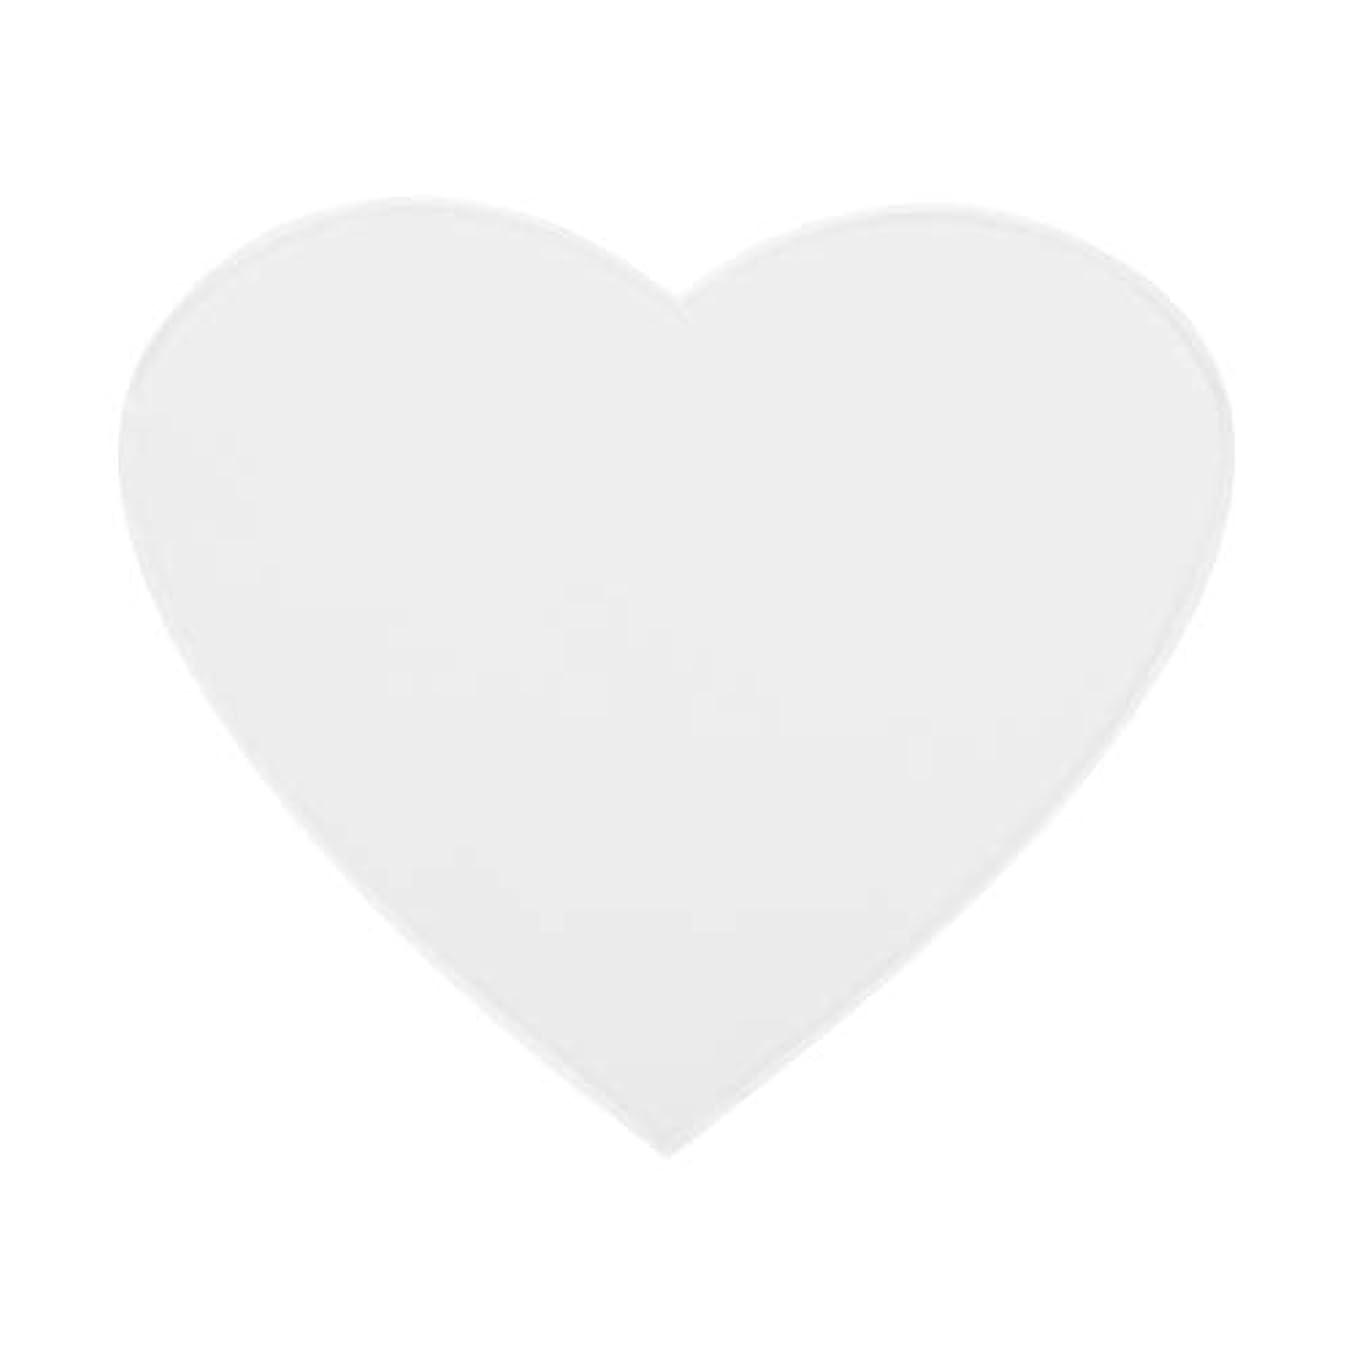 鉄道公爵夫人公演アンチリンクルシリコンチェストパッドケア再利用可能パッド(心臓)